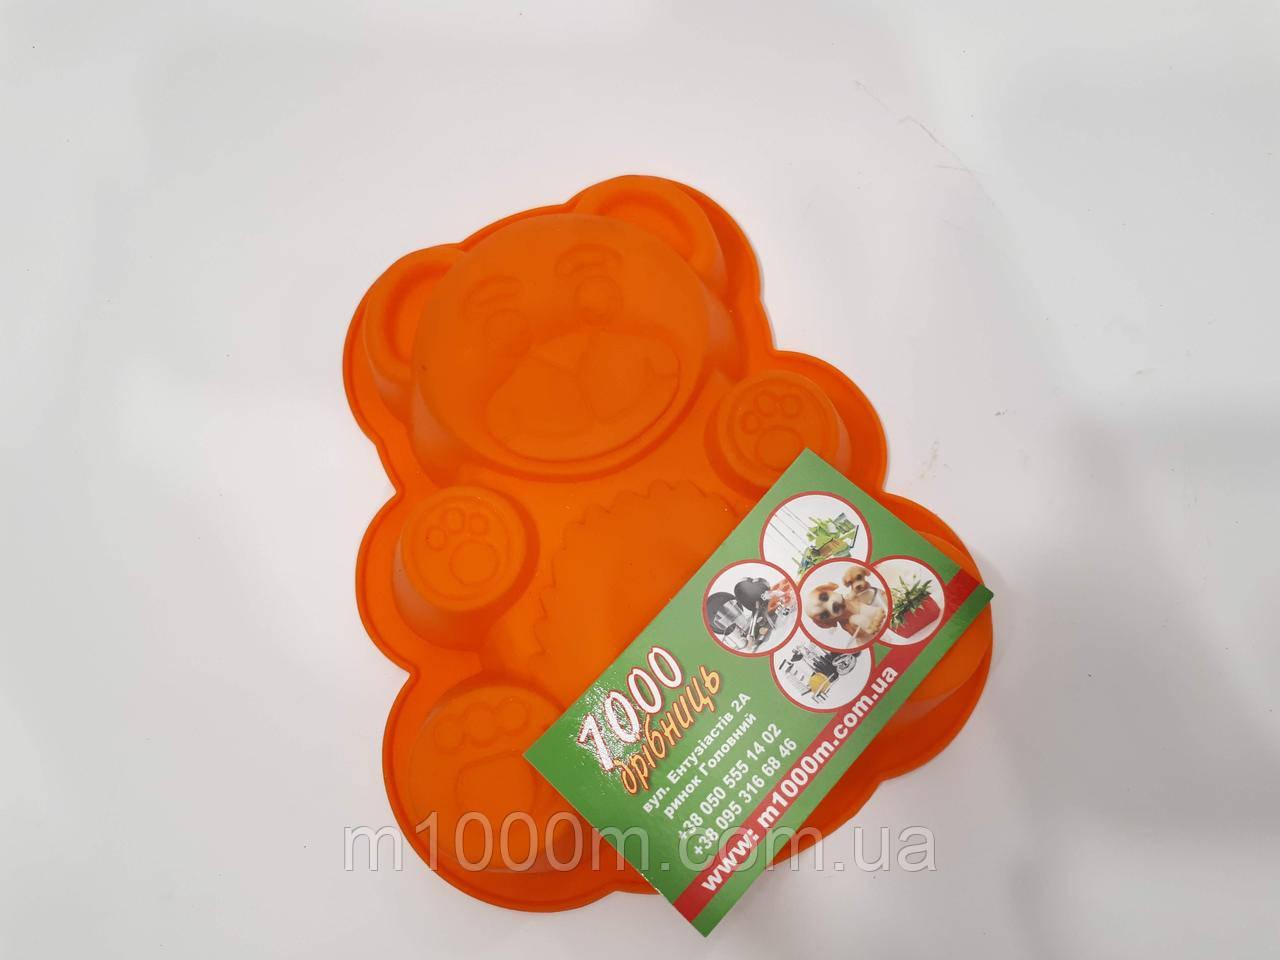 Форма для выпечки силиконовая Мишка мал. (1)